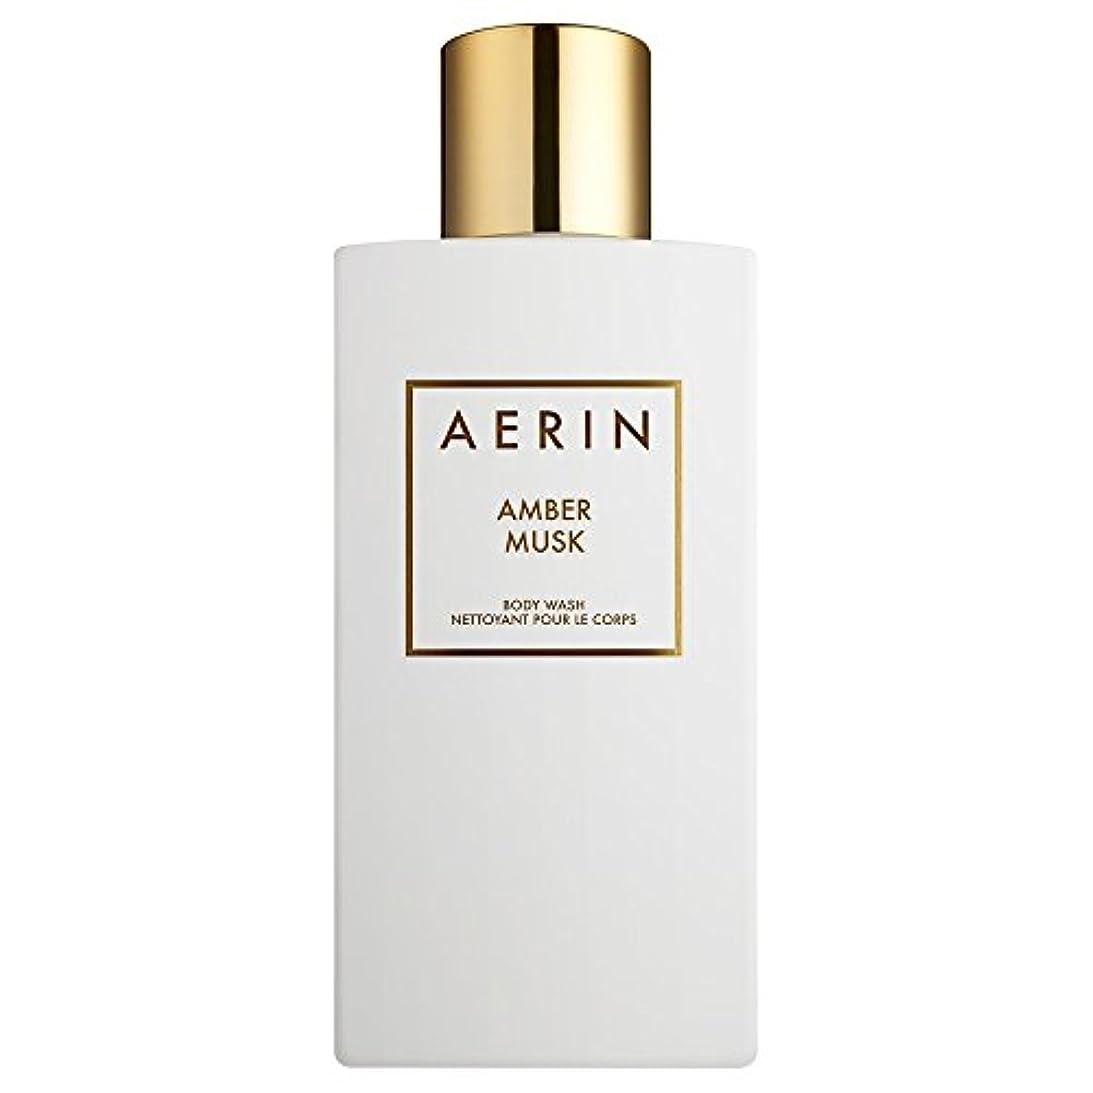 優雅な出会い主人Aerinアンバームスクボディウォッシュ225ミリリットル (AERIN) - AERIN Amber Musk Bodywash 225ml [並行輸入品]